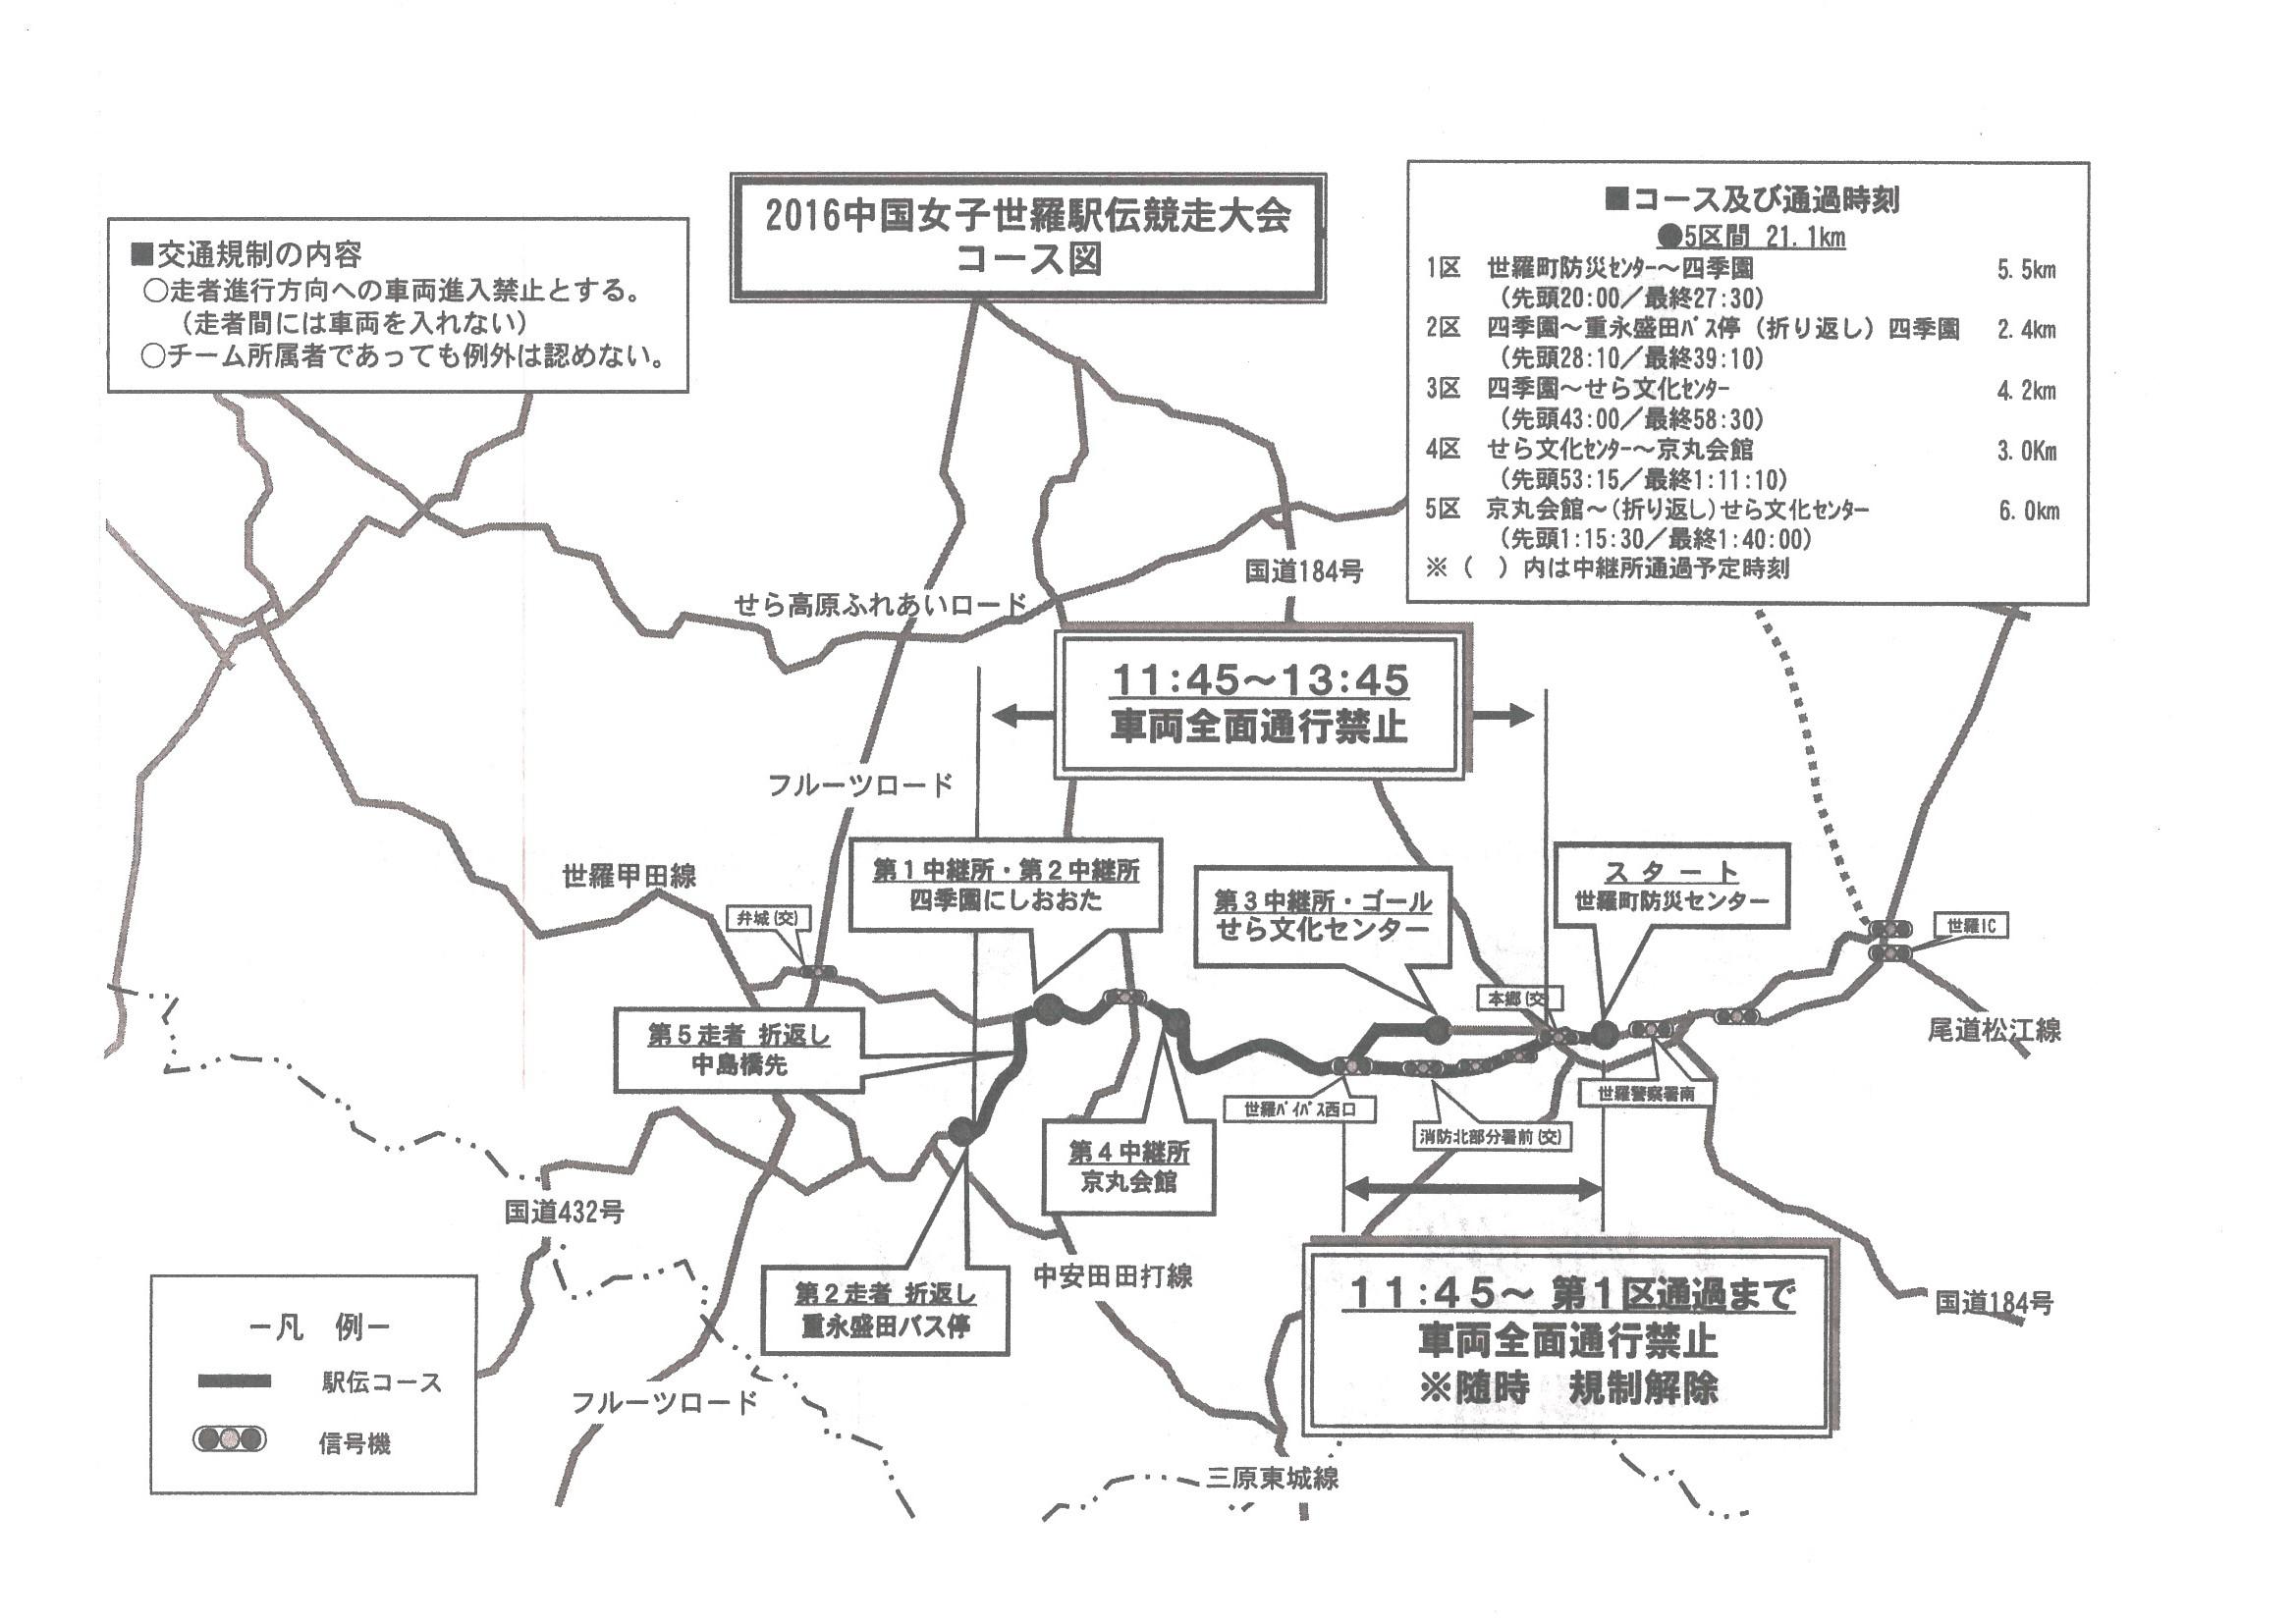 2016中国女子世羅駅伝競走大会コース図